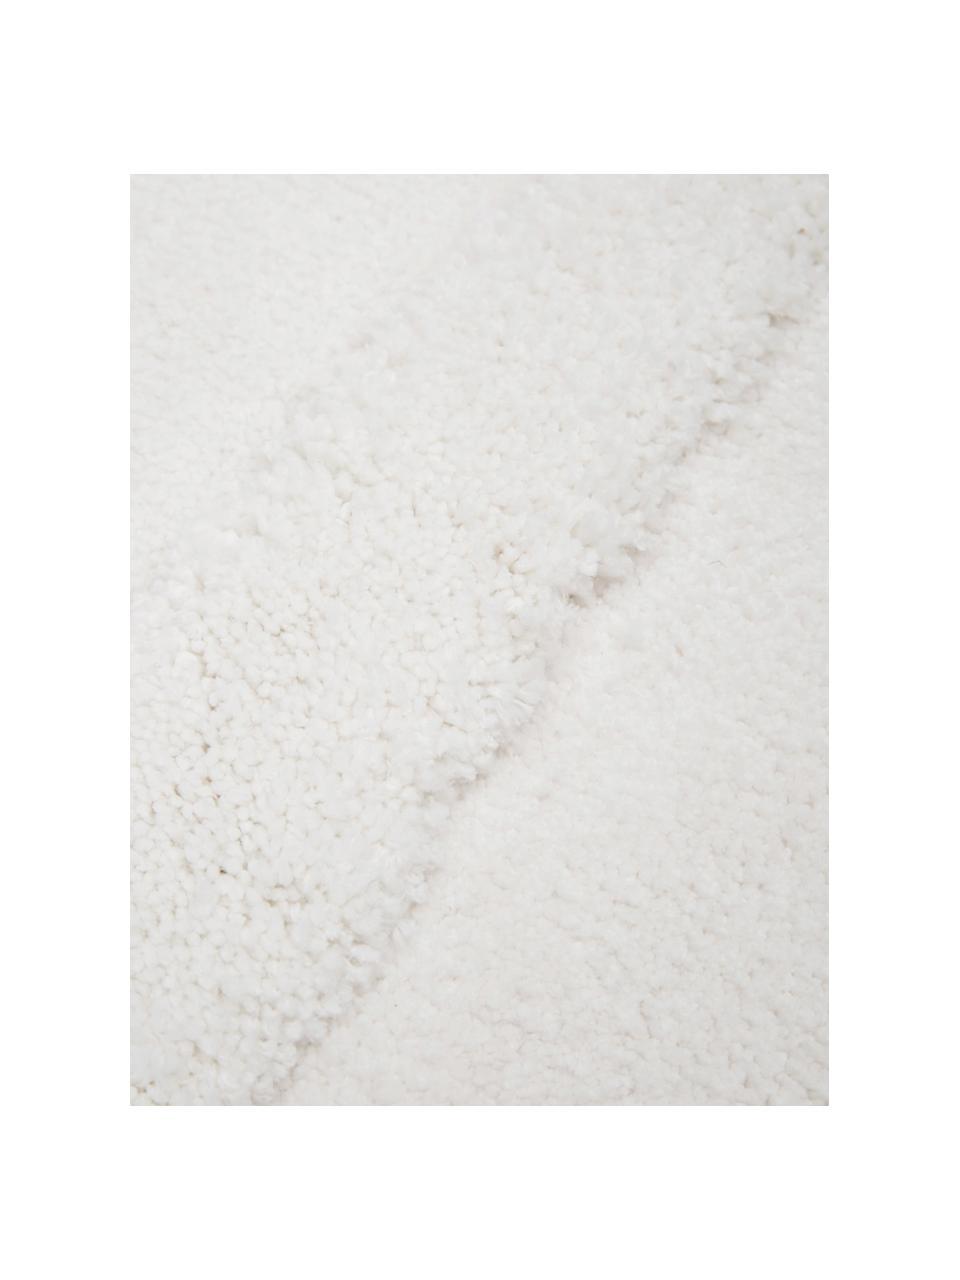 Flauschiger Hochflorteppich Rubbie mit Regenbogenmuster in Hoch-Tief-Struktur, Flor: Mikrofaser (100% Polyeste, Beige, B 200 x L 300 cm (Größe L)